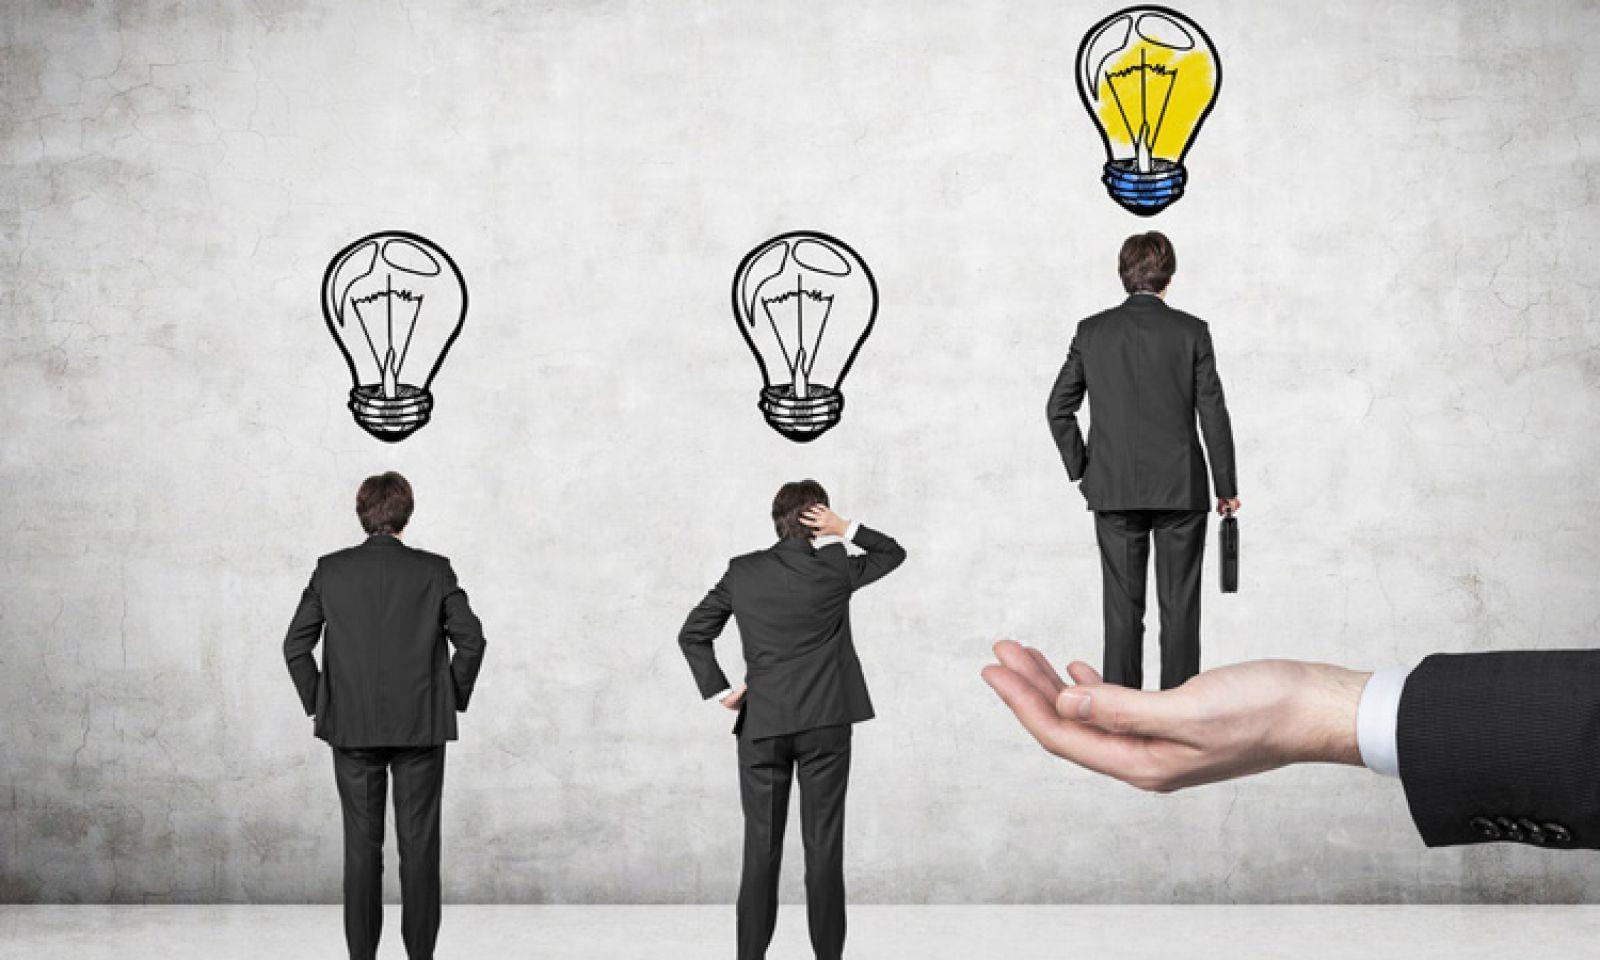 Doanh nghiệp có những khó khăn gì trong tuyển dụng lao động?